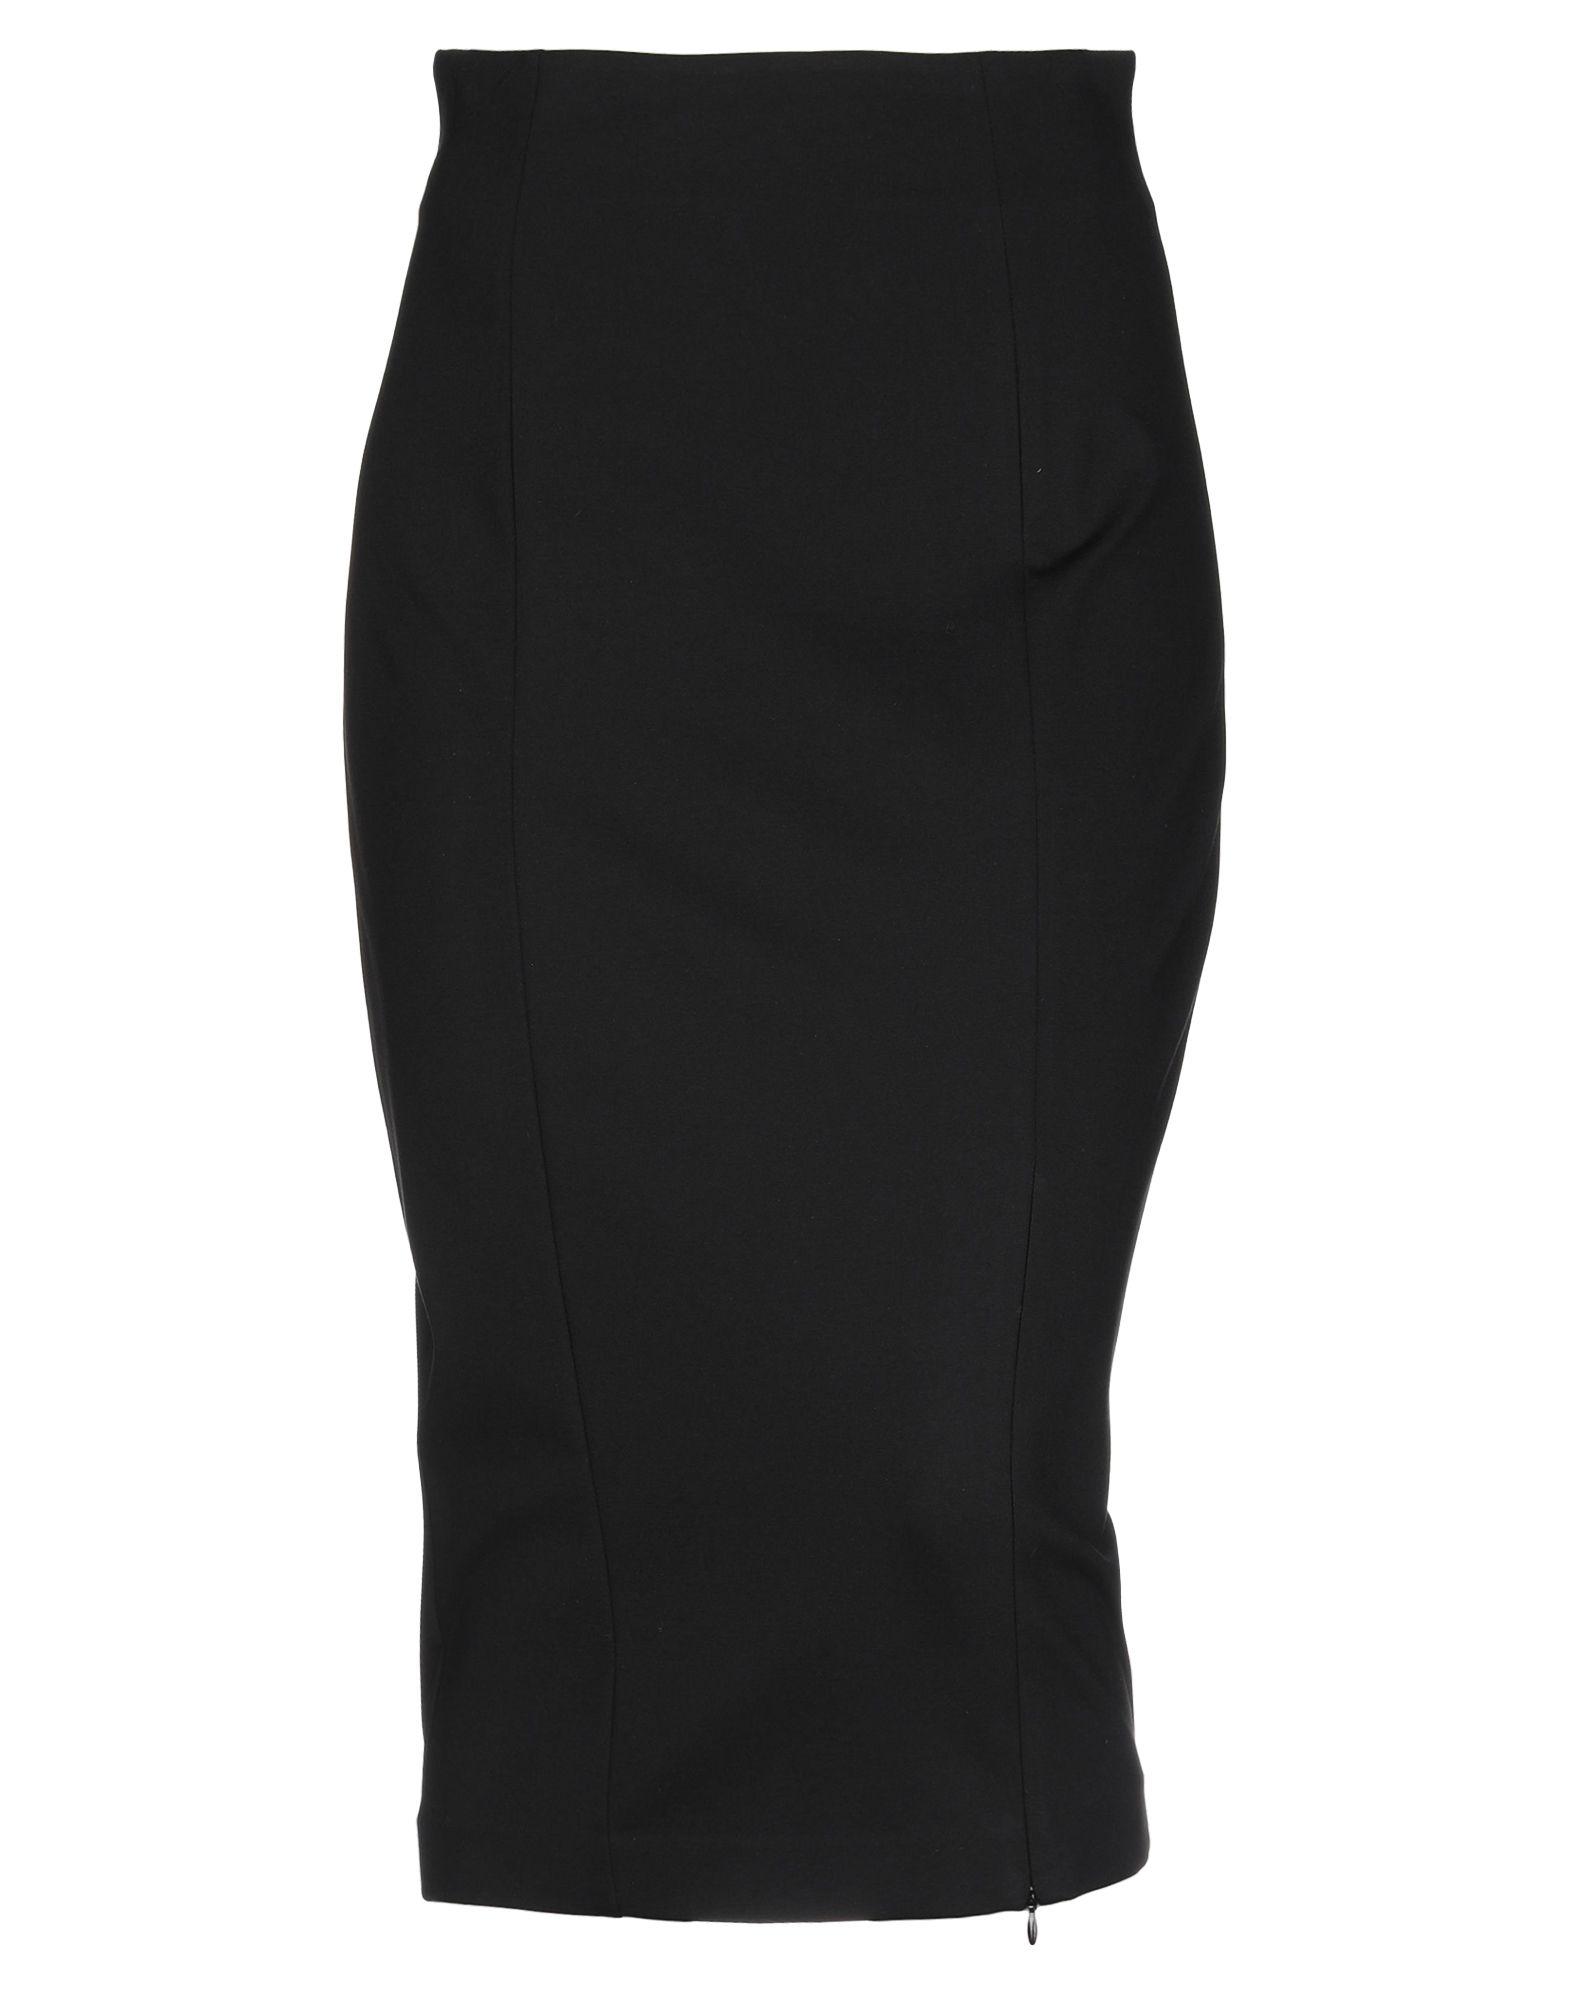 Фото - LANACAPRINA Юбка длиной 3/4 lanacaprina юбка длиной 3 4